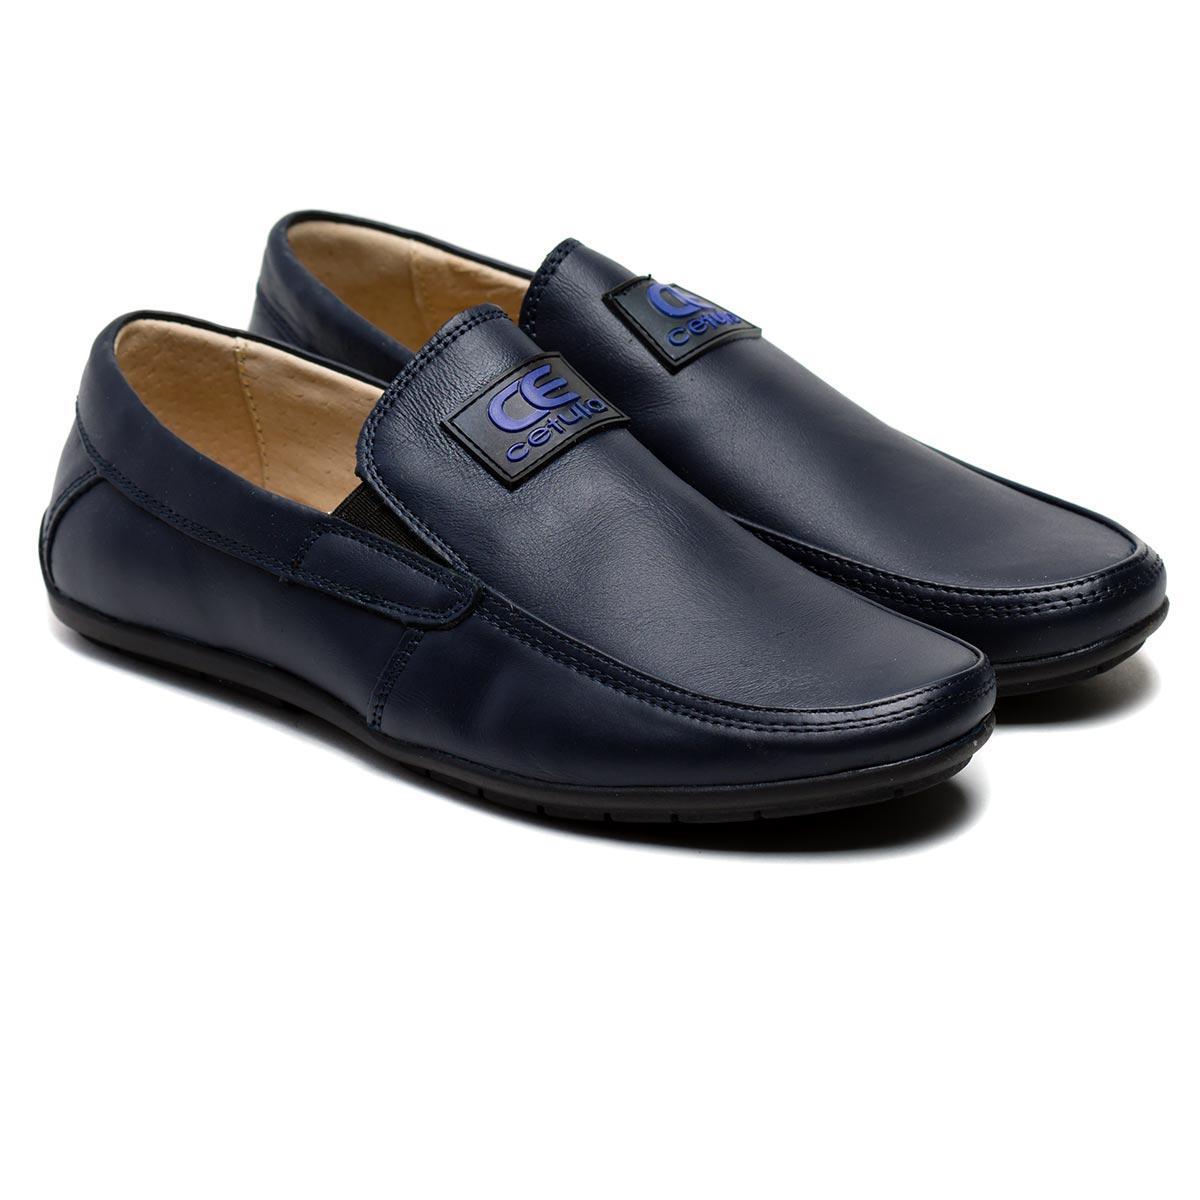 Школьные туфли для мальчика Olipas